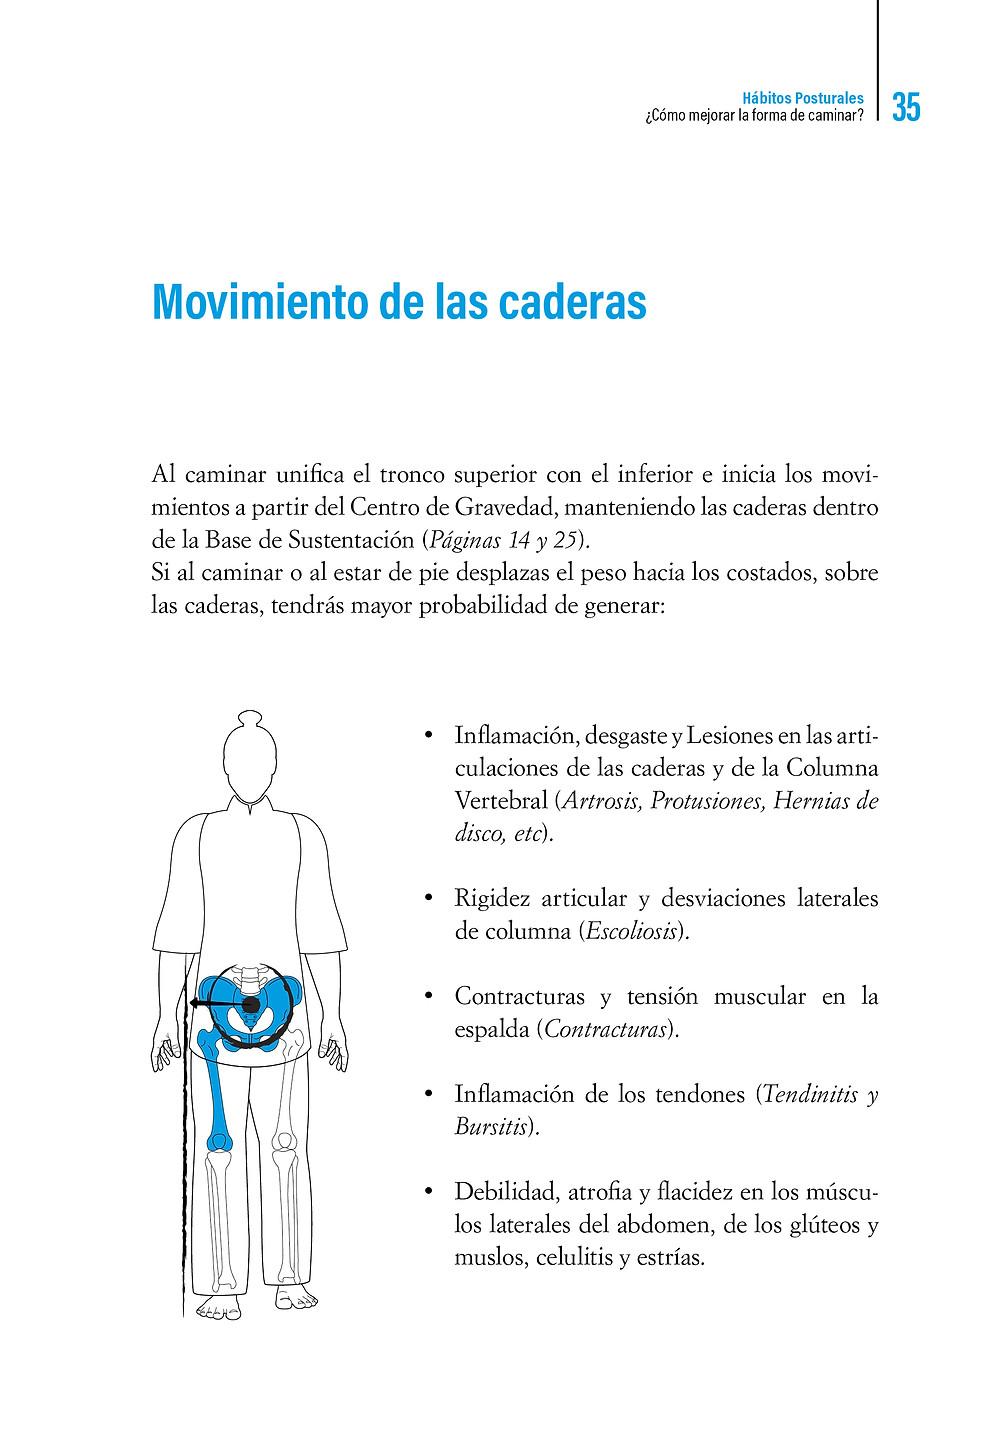   Libro Hábitos Posturales Movimiento de las caderas